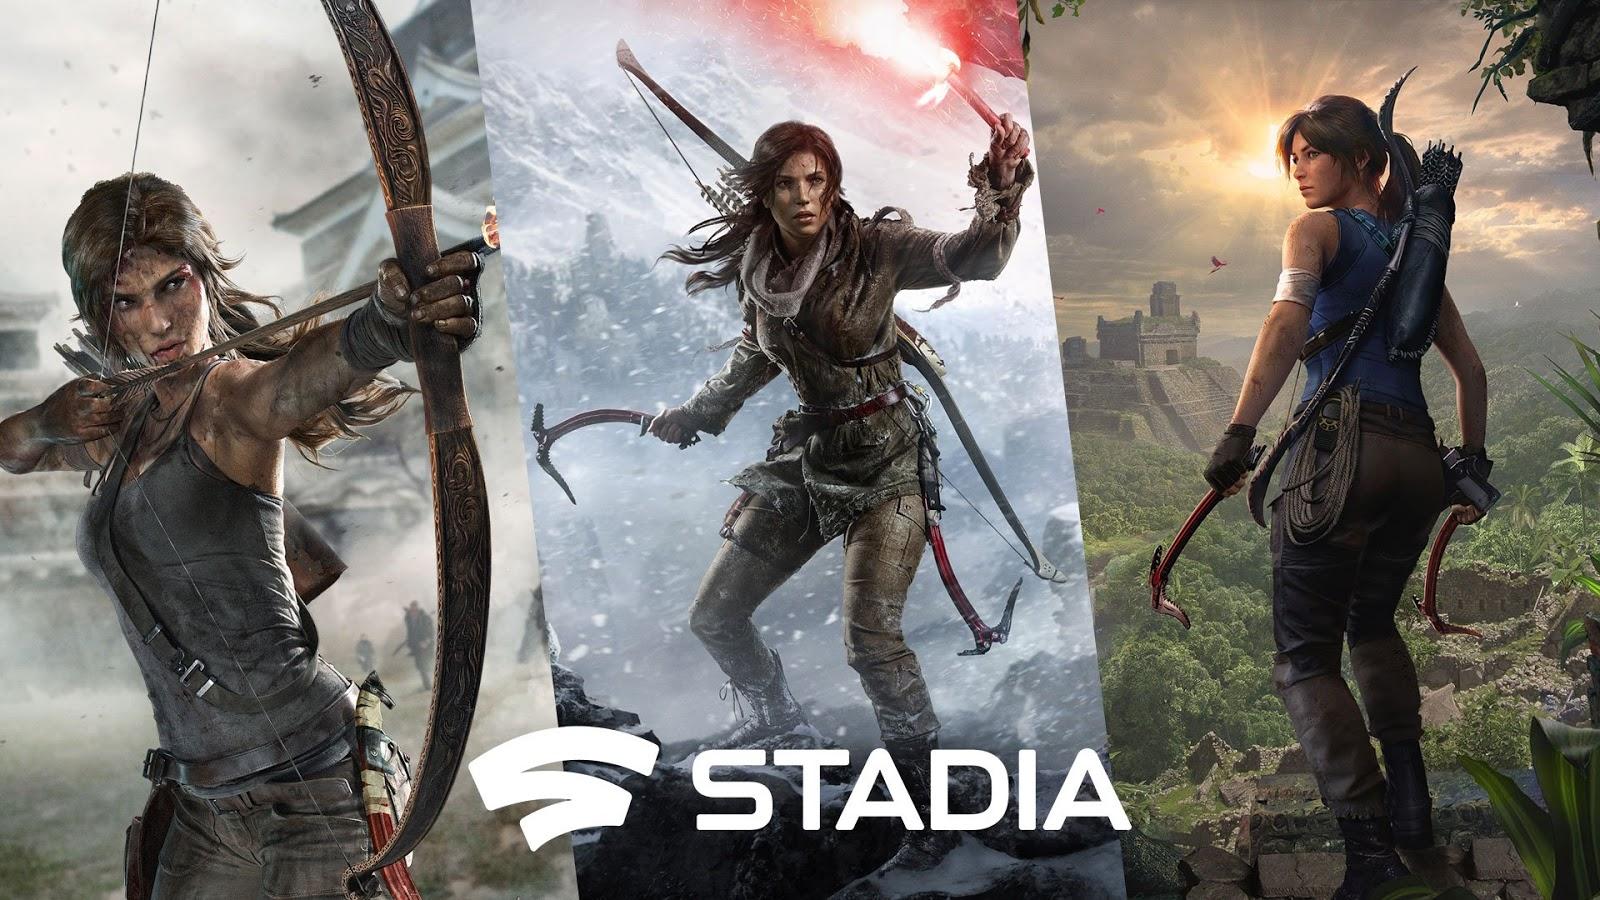 Stadia Store mostra demo di giochi, pre-ordini, accesso anticipato e altro